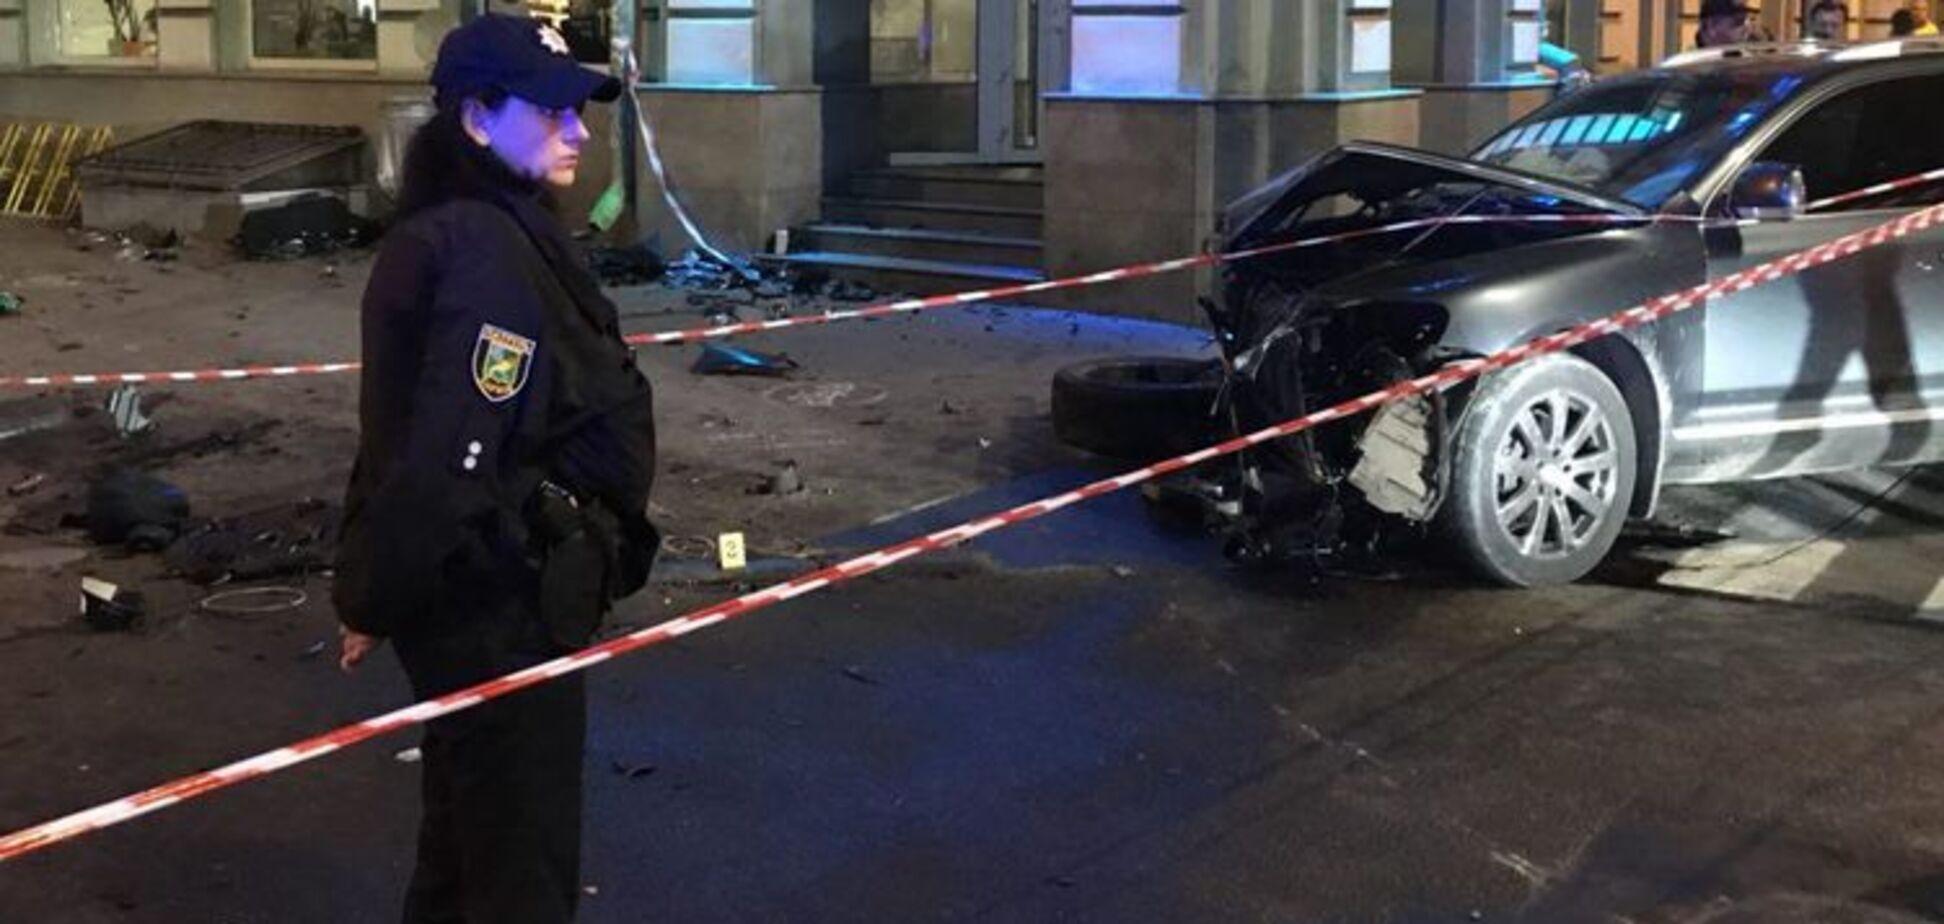 'Обеих. Враз': в жутком ДТП в Харькове погибли вдова и дочь бойца АТО